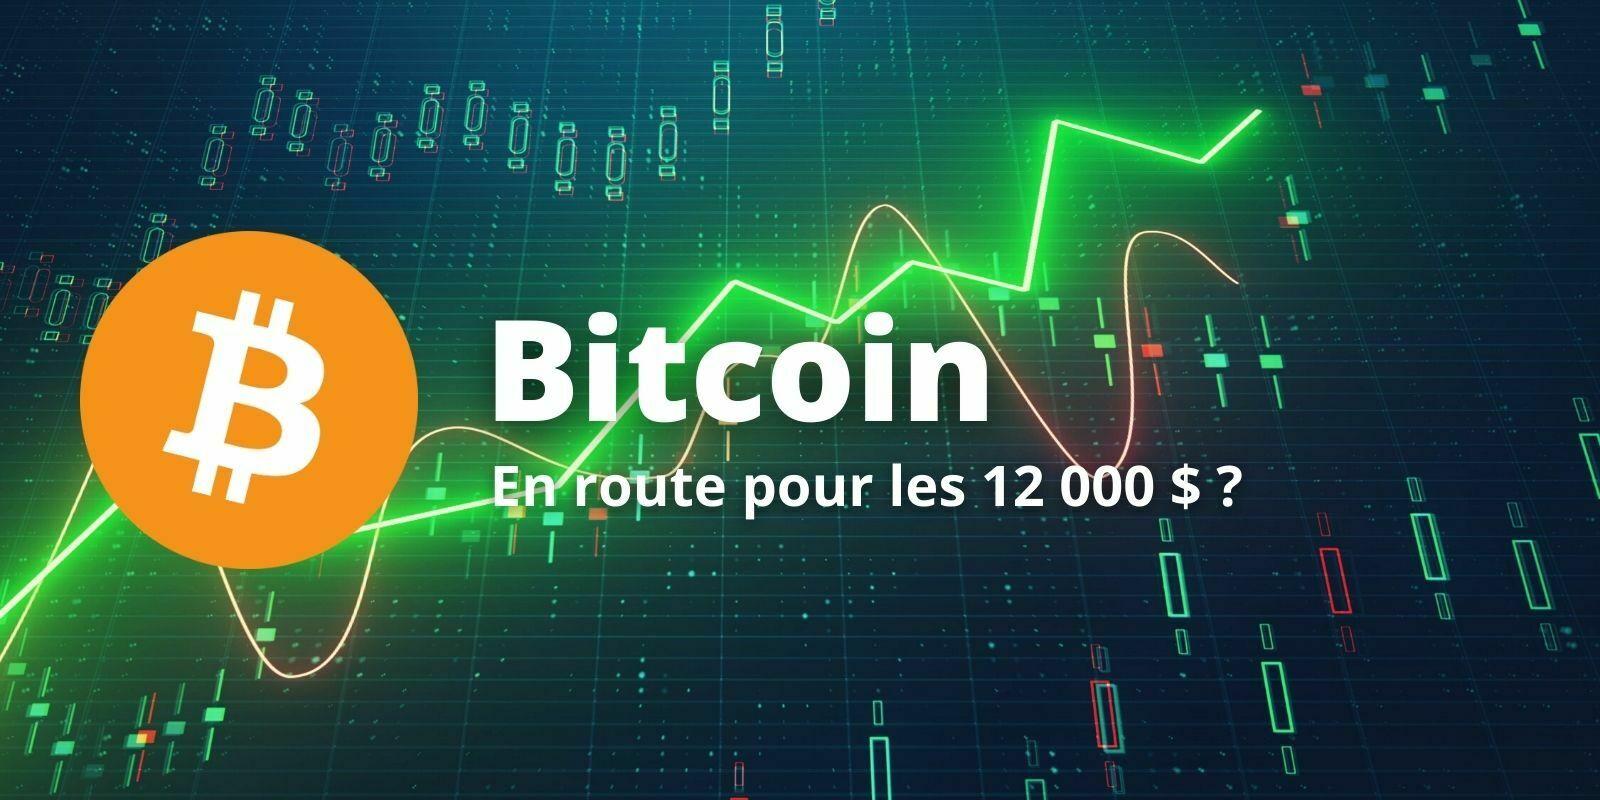 Le Bitcoin (BTC) consolide avant de se diriger vers les 12 000 $